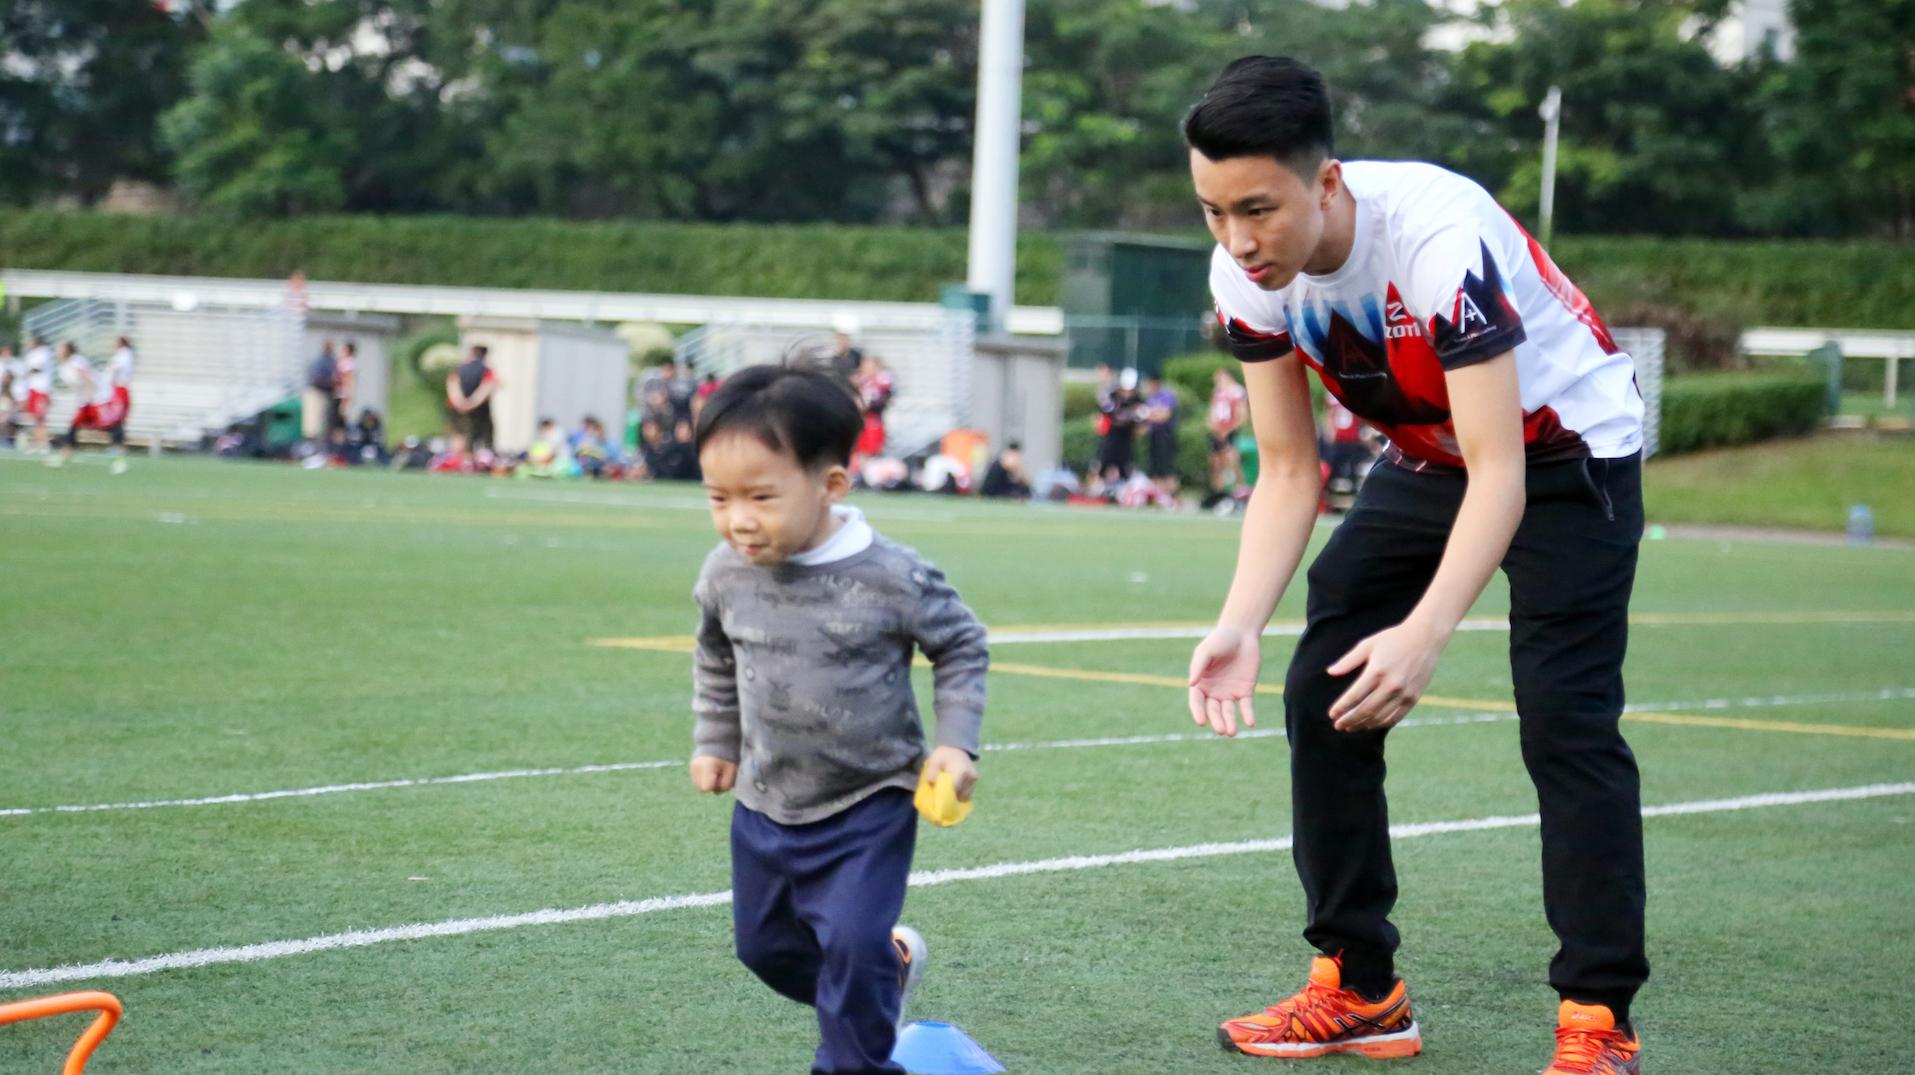 因為喺戶外地方,教練都會好睇住小朋友。